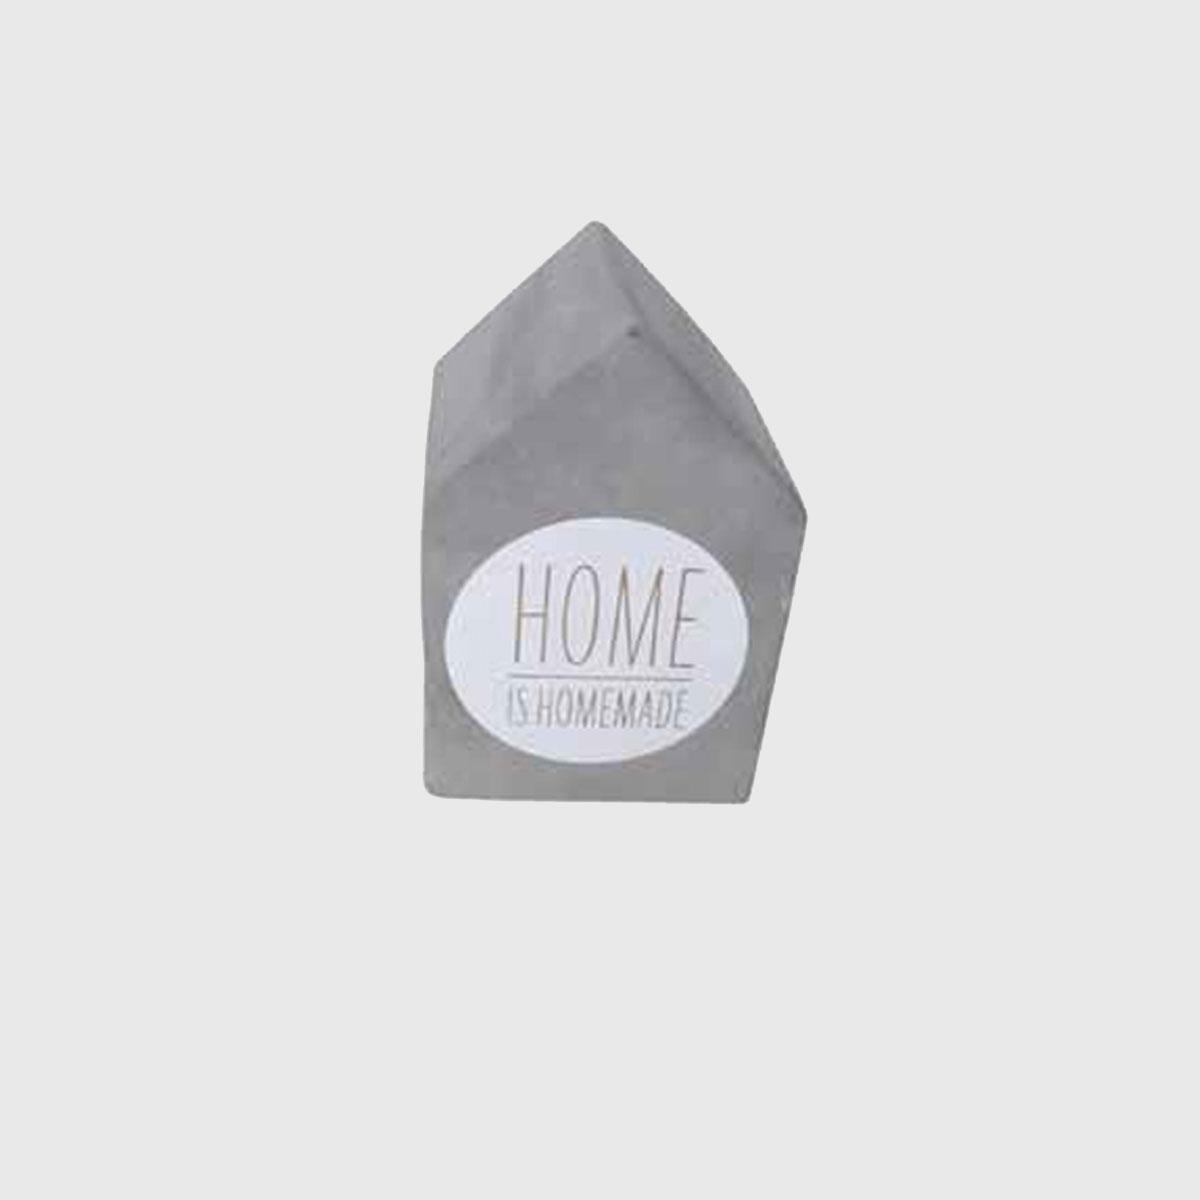 Casa de pedra home is homemade